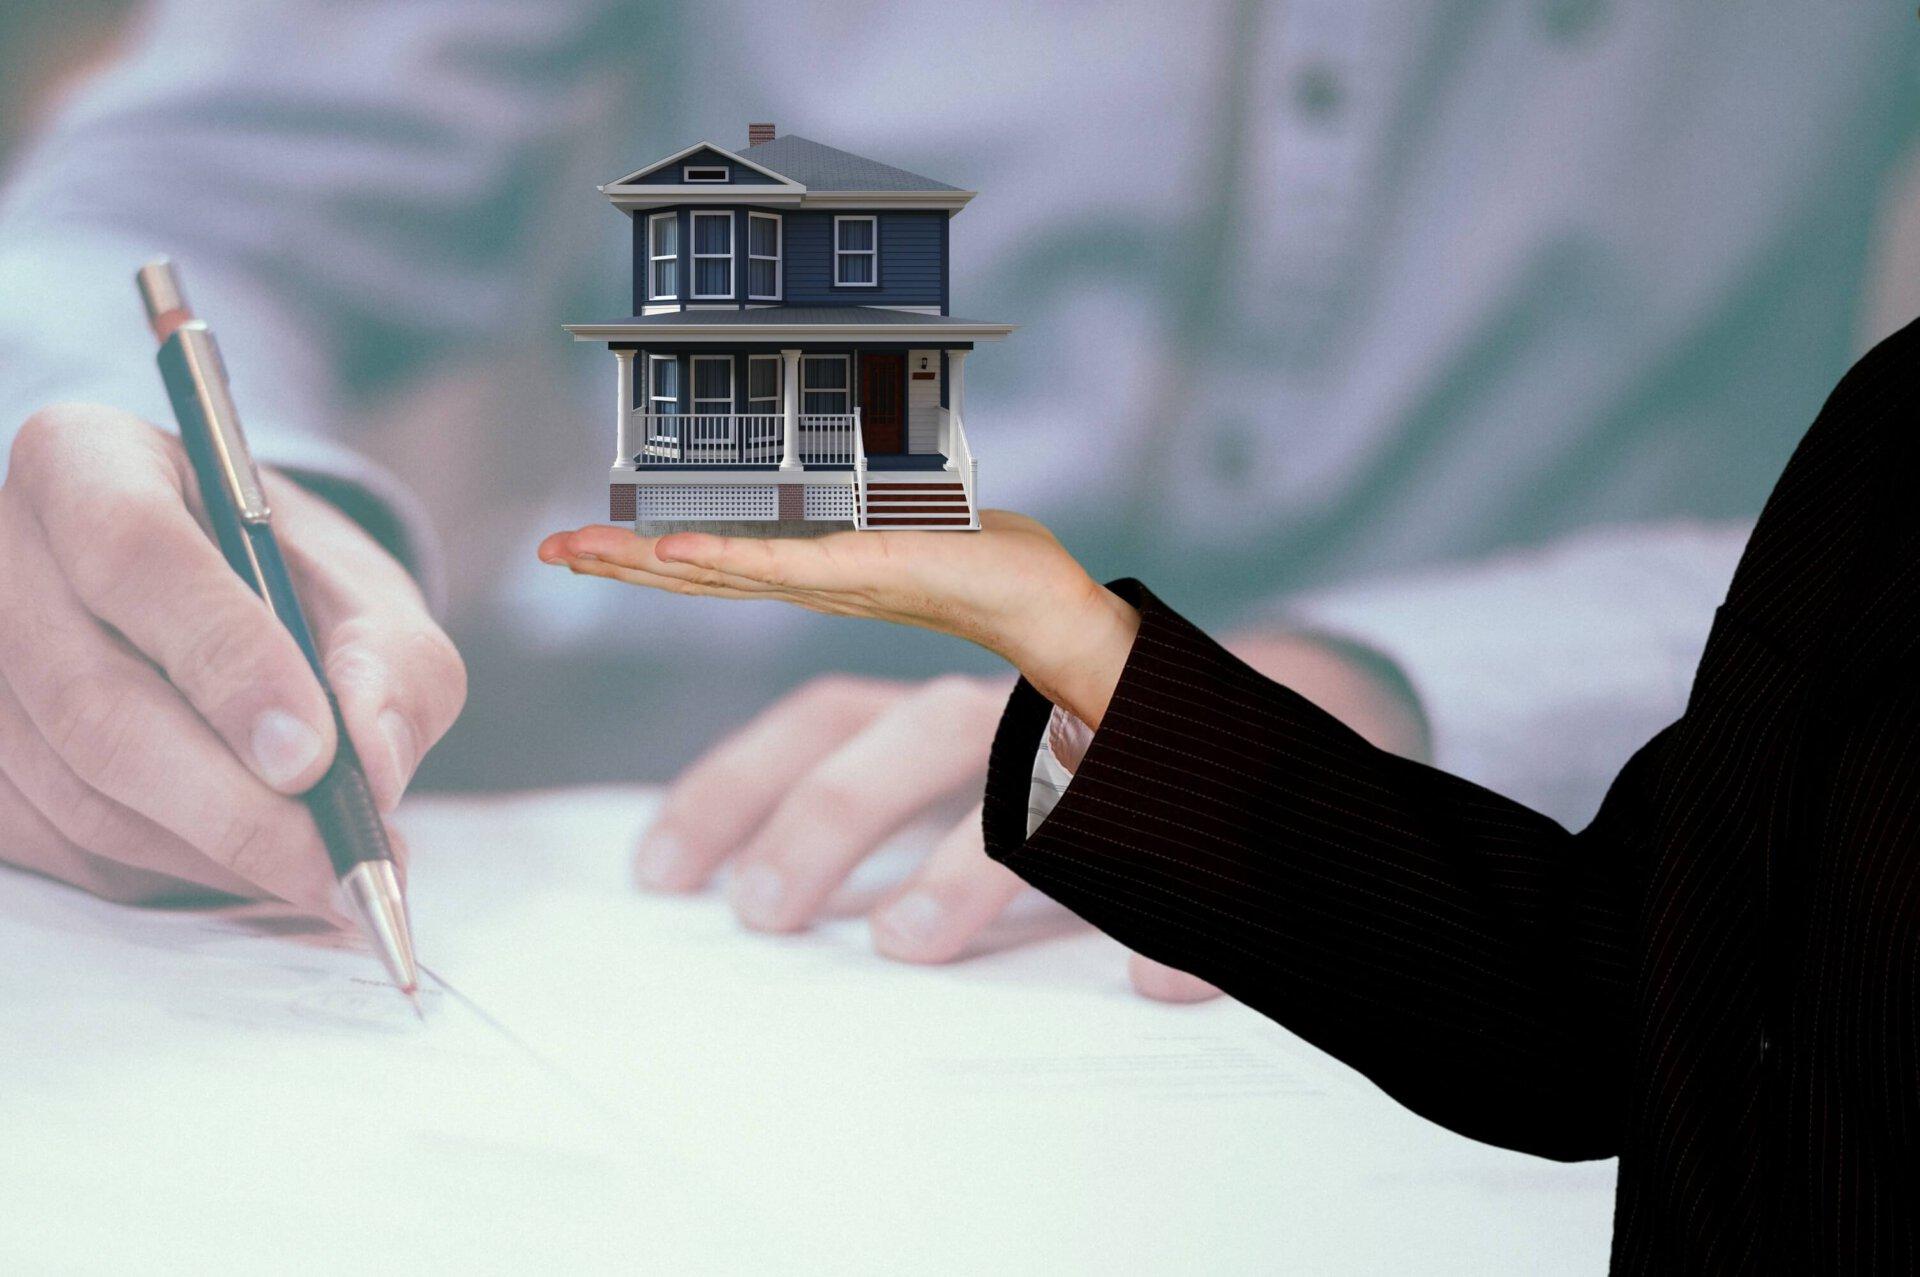 Wie wird die Maklerprovision zwischen Immobilienkäufer und -verkäufer aufgeteilt?